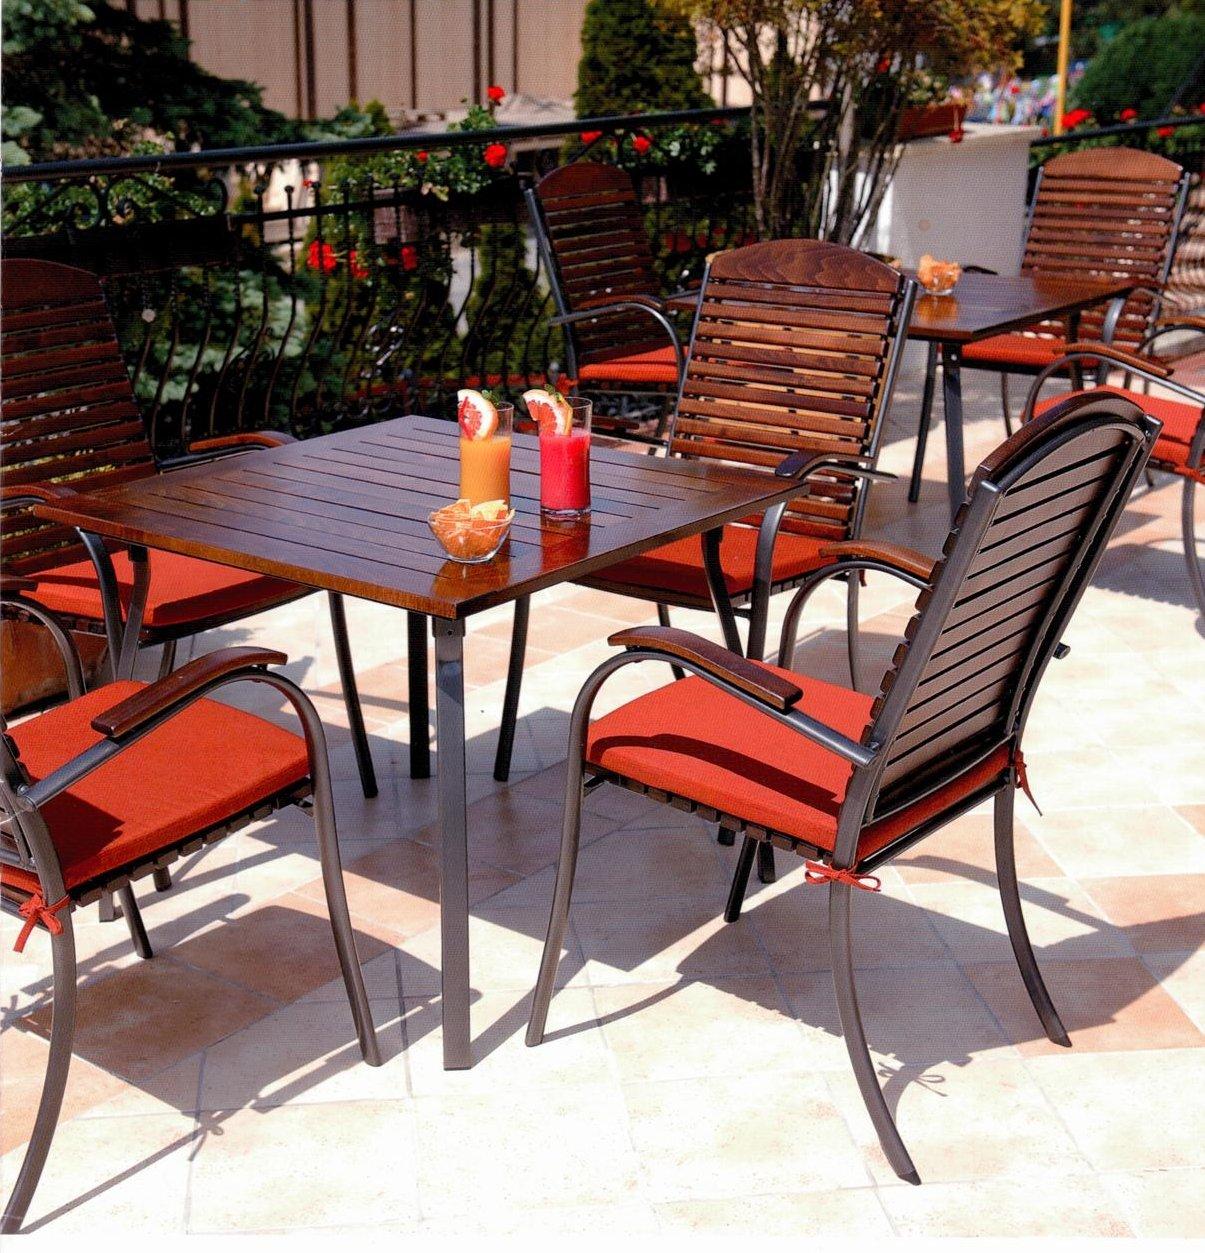 Gartenmöbel Set Linus Braun 5 Teile Terrassenmöbel Echtholz Esstisch